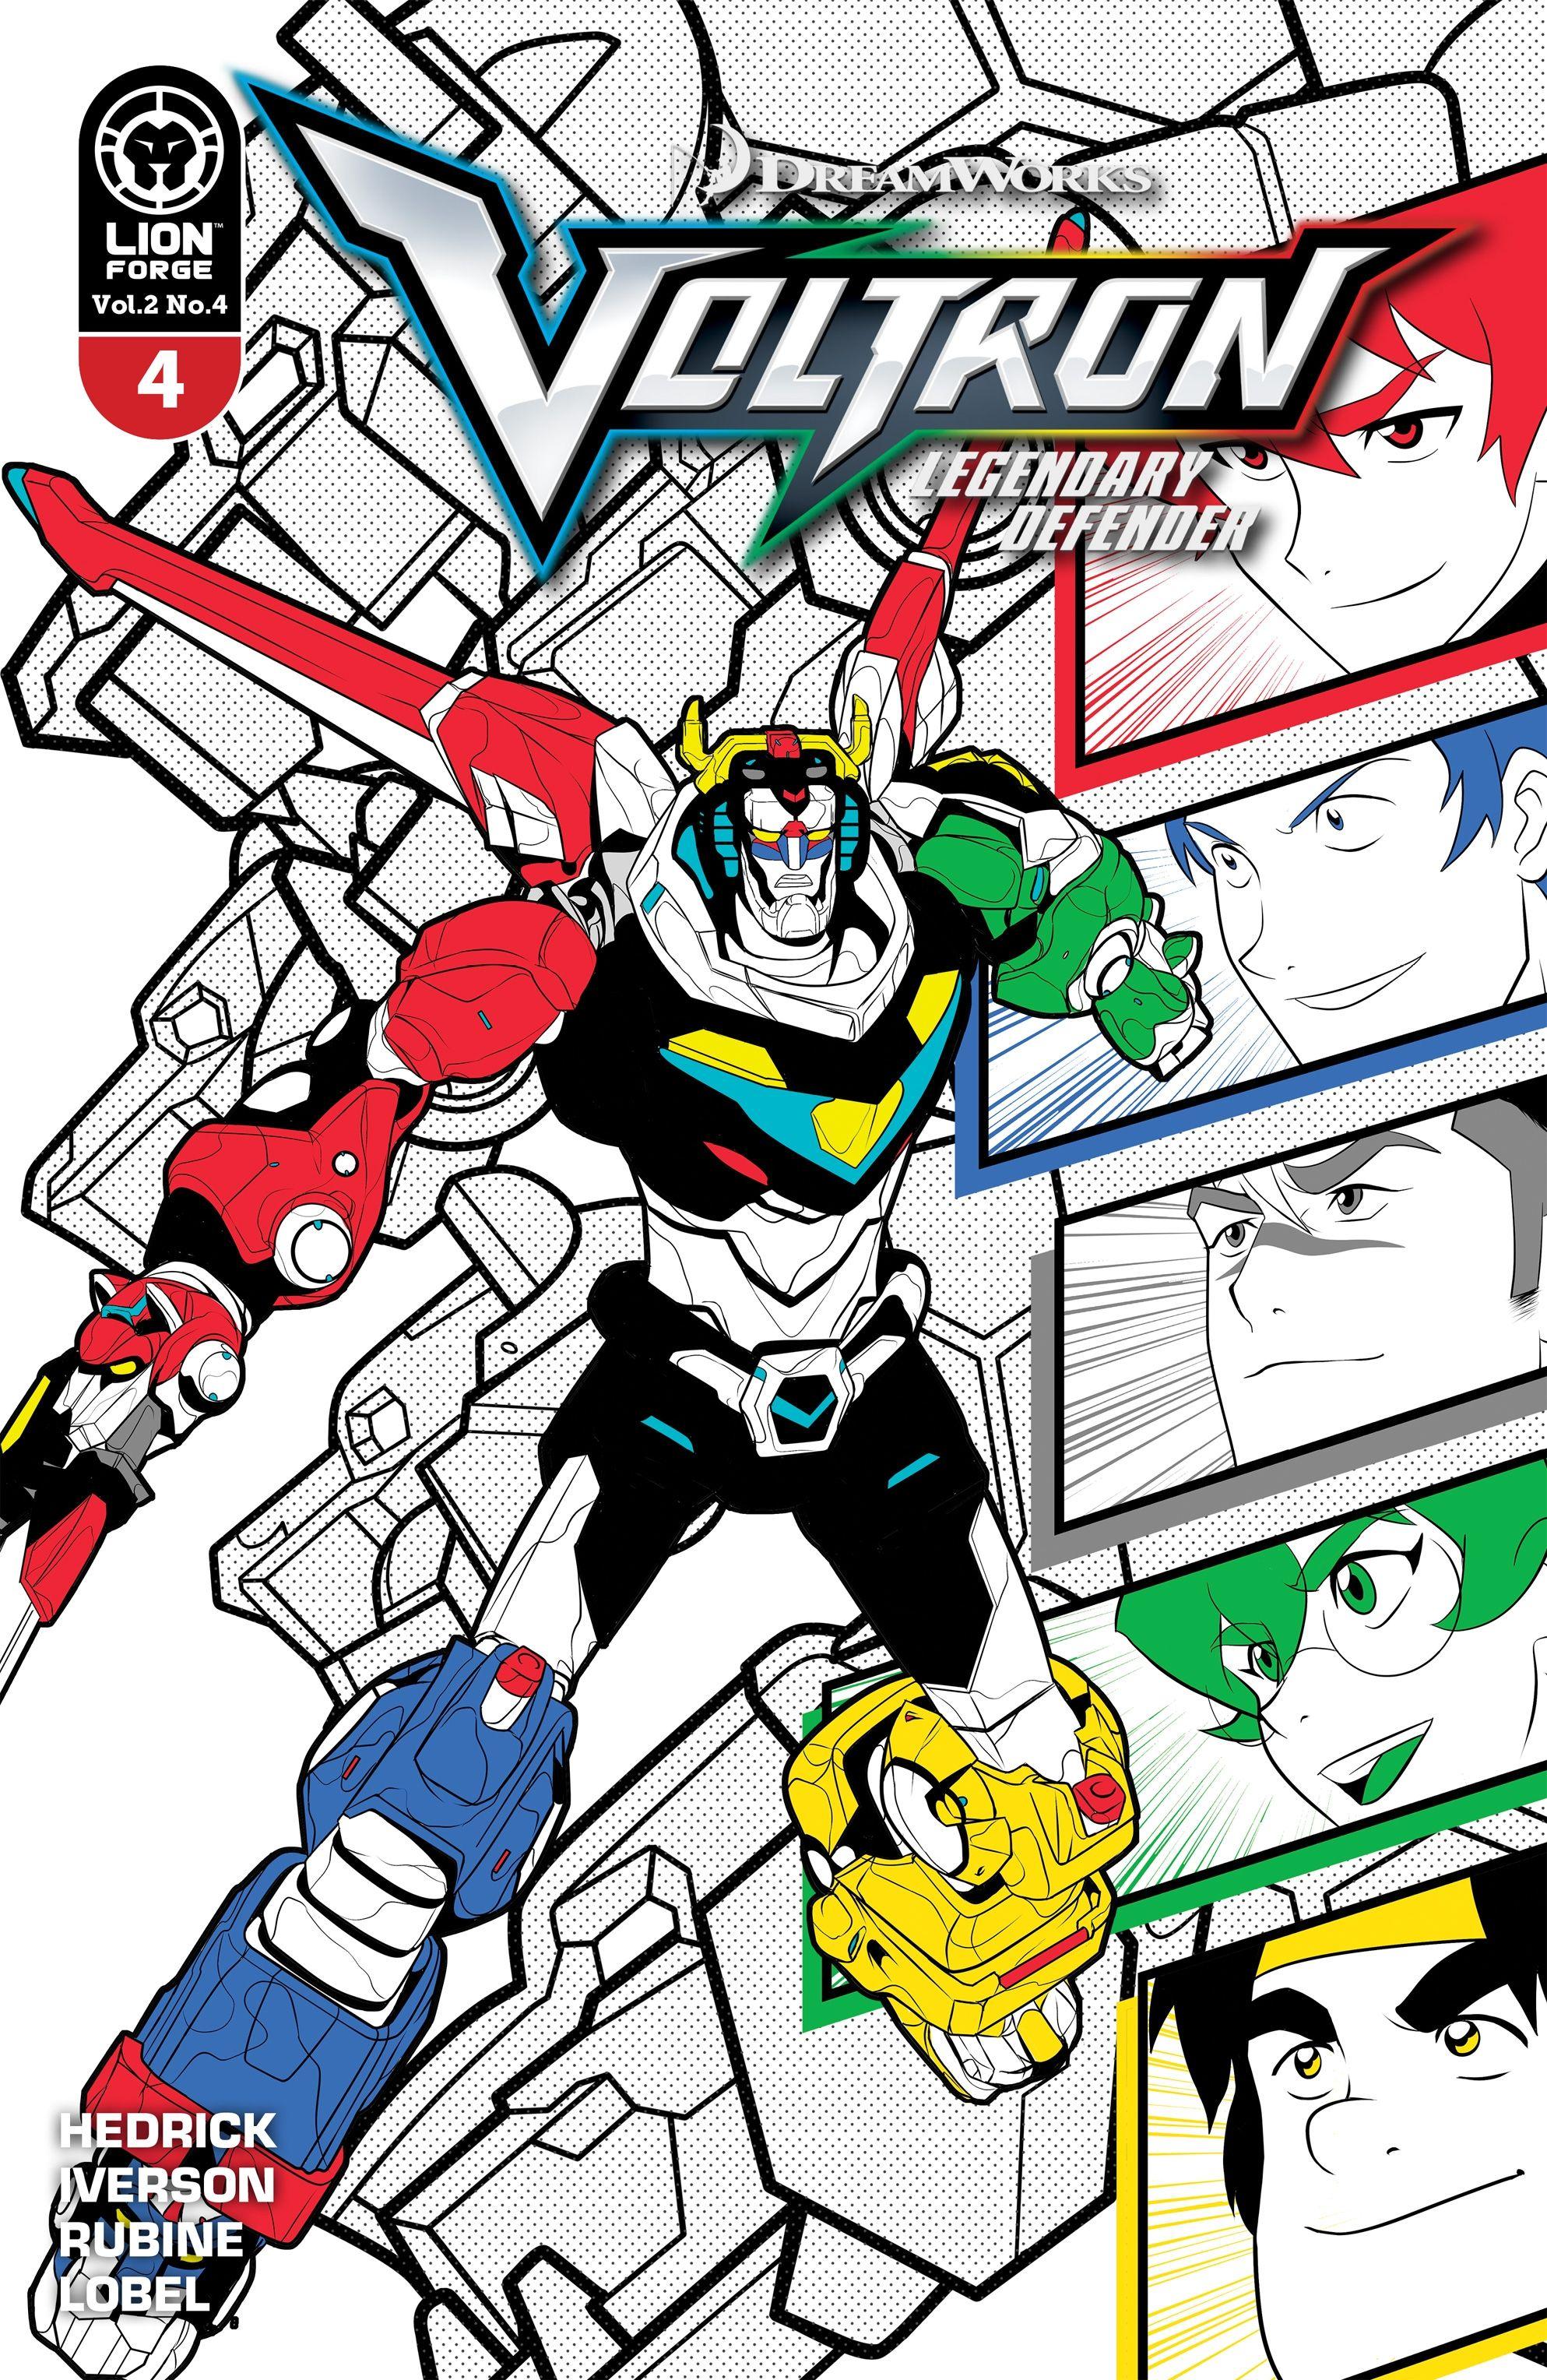 Volume 2 Issue 4 Voltron Legendary Defender Wikia